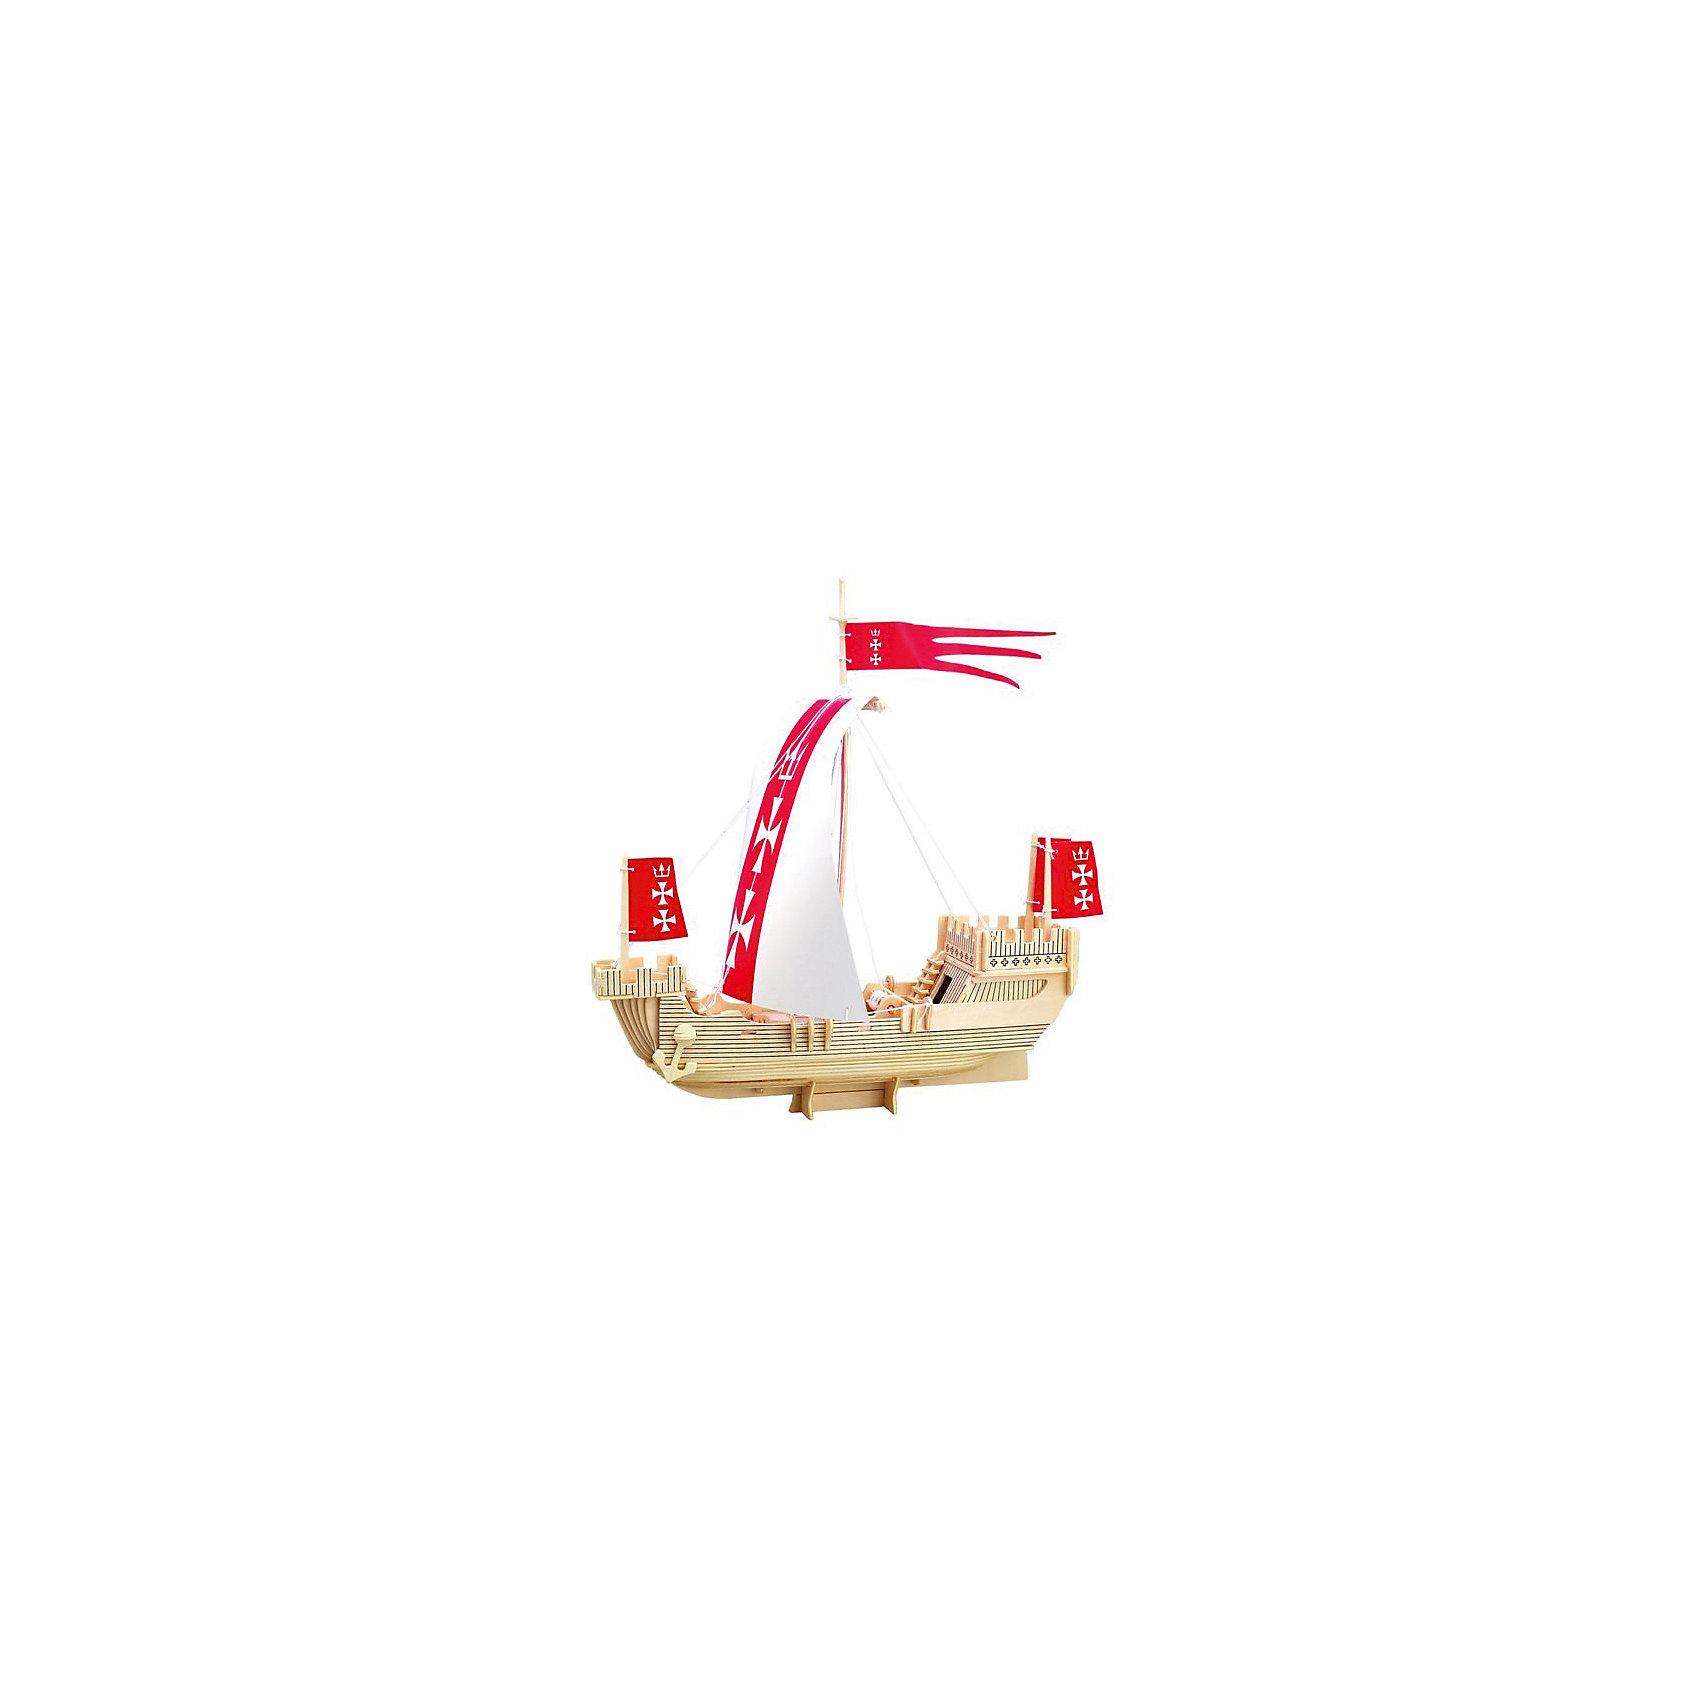 Корабль Ганзейского союза, Мир деревянных игрушекДеревянные модели<br>Порадовать творческого ребенка - легко! Закажите для него этот набор, из которого можно самому сделать красивую деревянную фигуру! Для этого нужно выдавить из пластины с деталями элементы для сборки и соединить их. Из наборов получаются красивые очень реалистичные игрушки, которые могут стать украшением комнаты.<br>Собирая их, ребенок будет развивать пространственное мышление, память и мелкую моторику. А раскрашивая готовое произведение, дети научатся подбирать цвета и будут развивать художественные навыки. Этот набор произведен из качественных и безопасных для детей материалов - дерево тщательно обработано.<br><br>Дополнительная информация:<br><br>материал: дерево;<br>цвет: бежевый;<br>элементы: пластины с деталями для сборки, схема сборки;<br>размер упаковки: 23 х 37 см.<br><br>3D-пазл Корабль Ганзейского союза от бренда Мир деревянных игрушек можно купить в нашем магазине.<br><br>Ширина мм: 350<br>Глубина мм: 50<br>Высота мм: 225<br>Вес г: 450<br>Возраст от месяцев: 36<br>Возраст до месяцев: 144<br>Пол: Унисекс<br>Возраст: Детский<br>SKU: 4969237